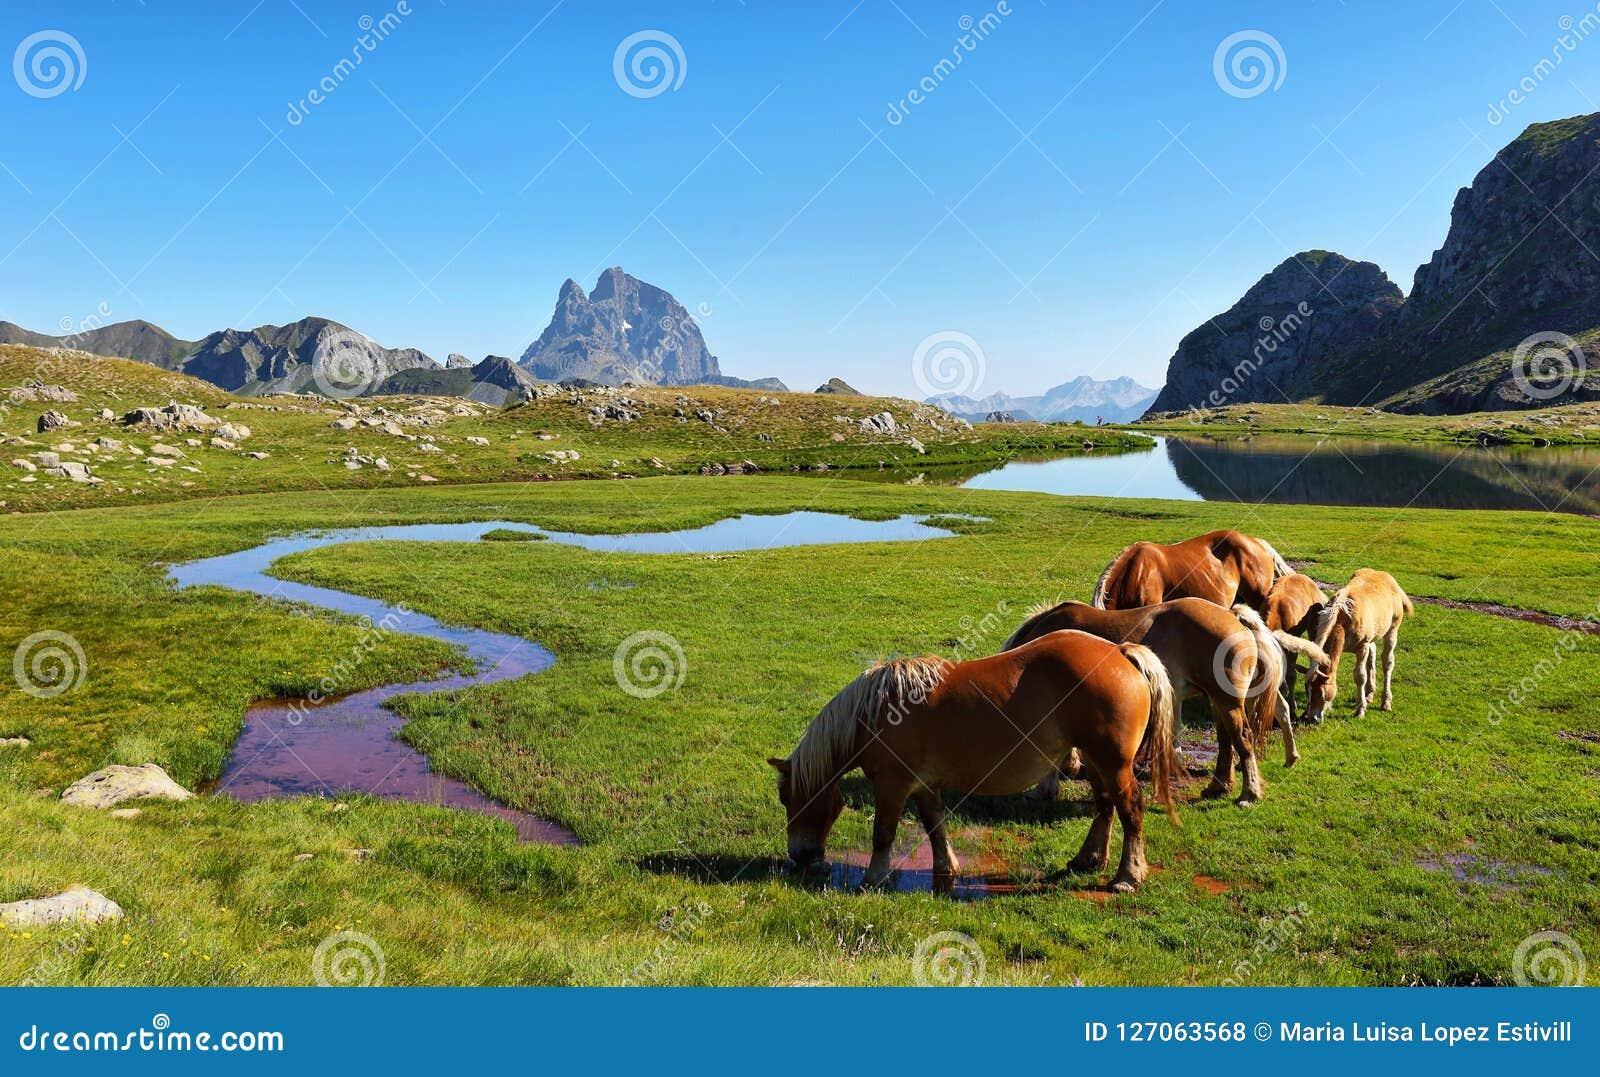 Pferde, die in Anayet-Hochebene, Spanisch Pyrenäen, Aragonien, Spanien weiden lassen